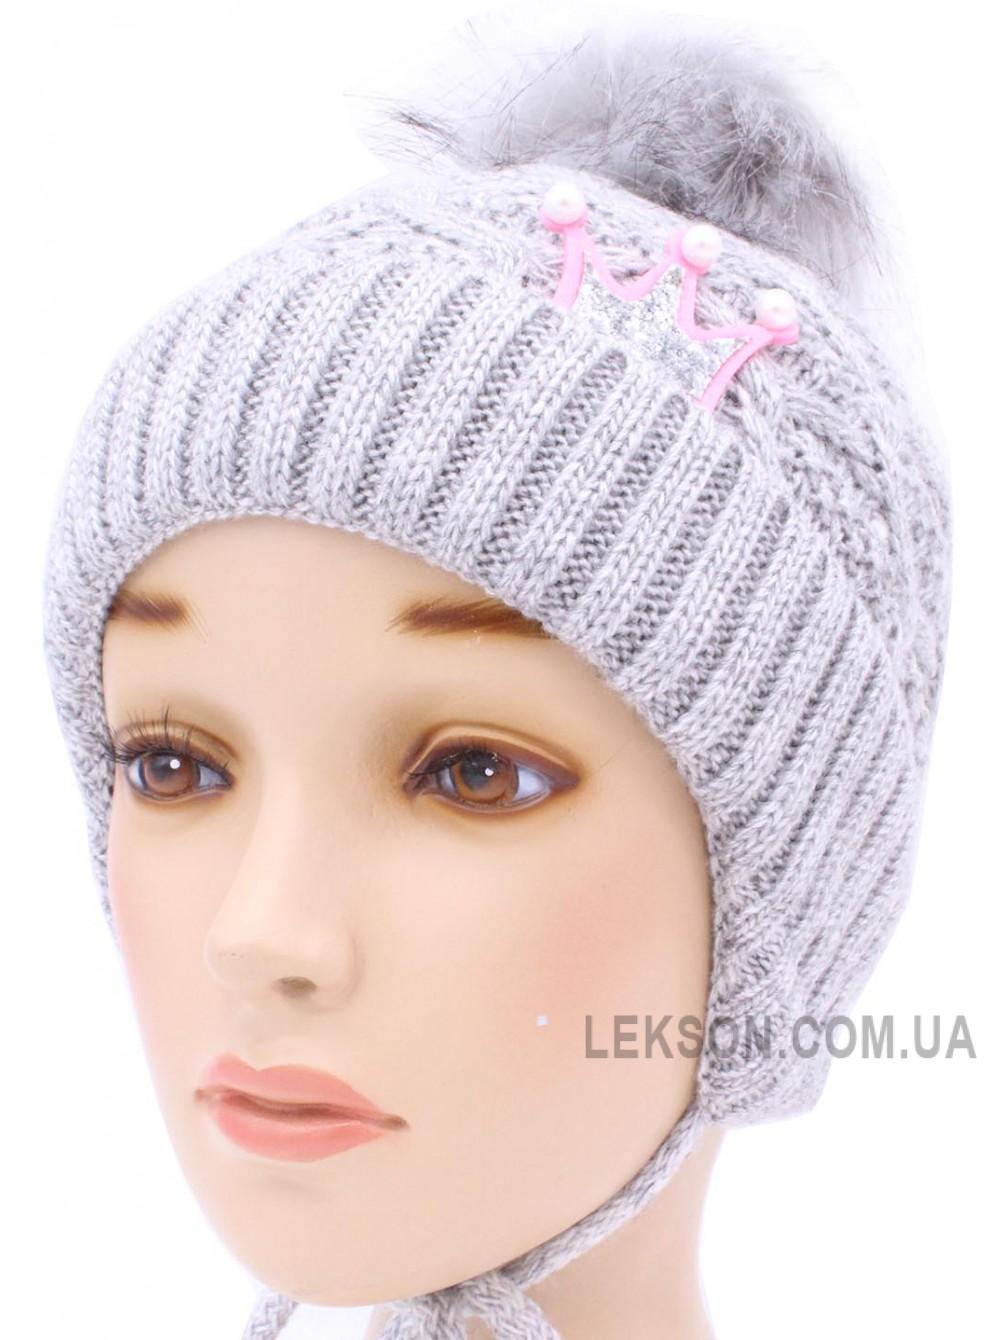 Детская вязаная шапка Кристи D54733-48-52